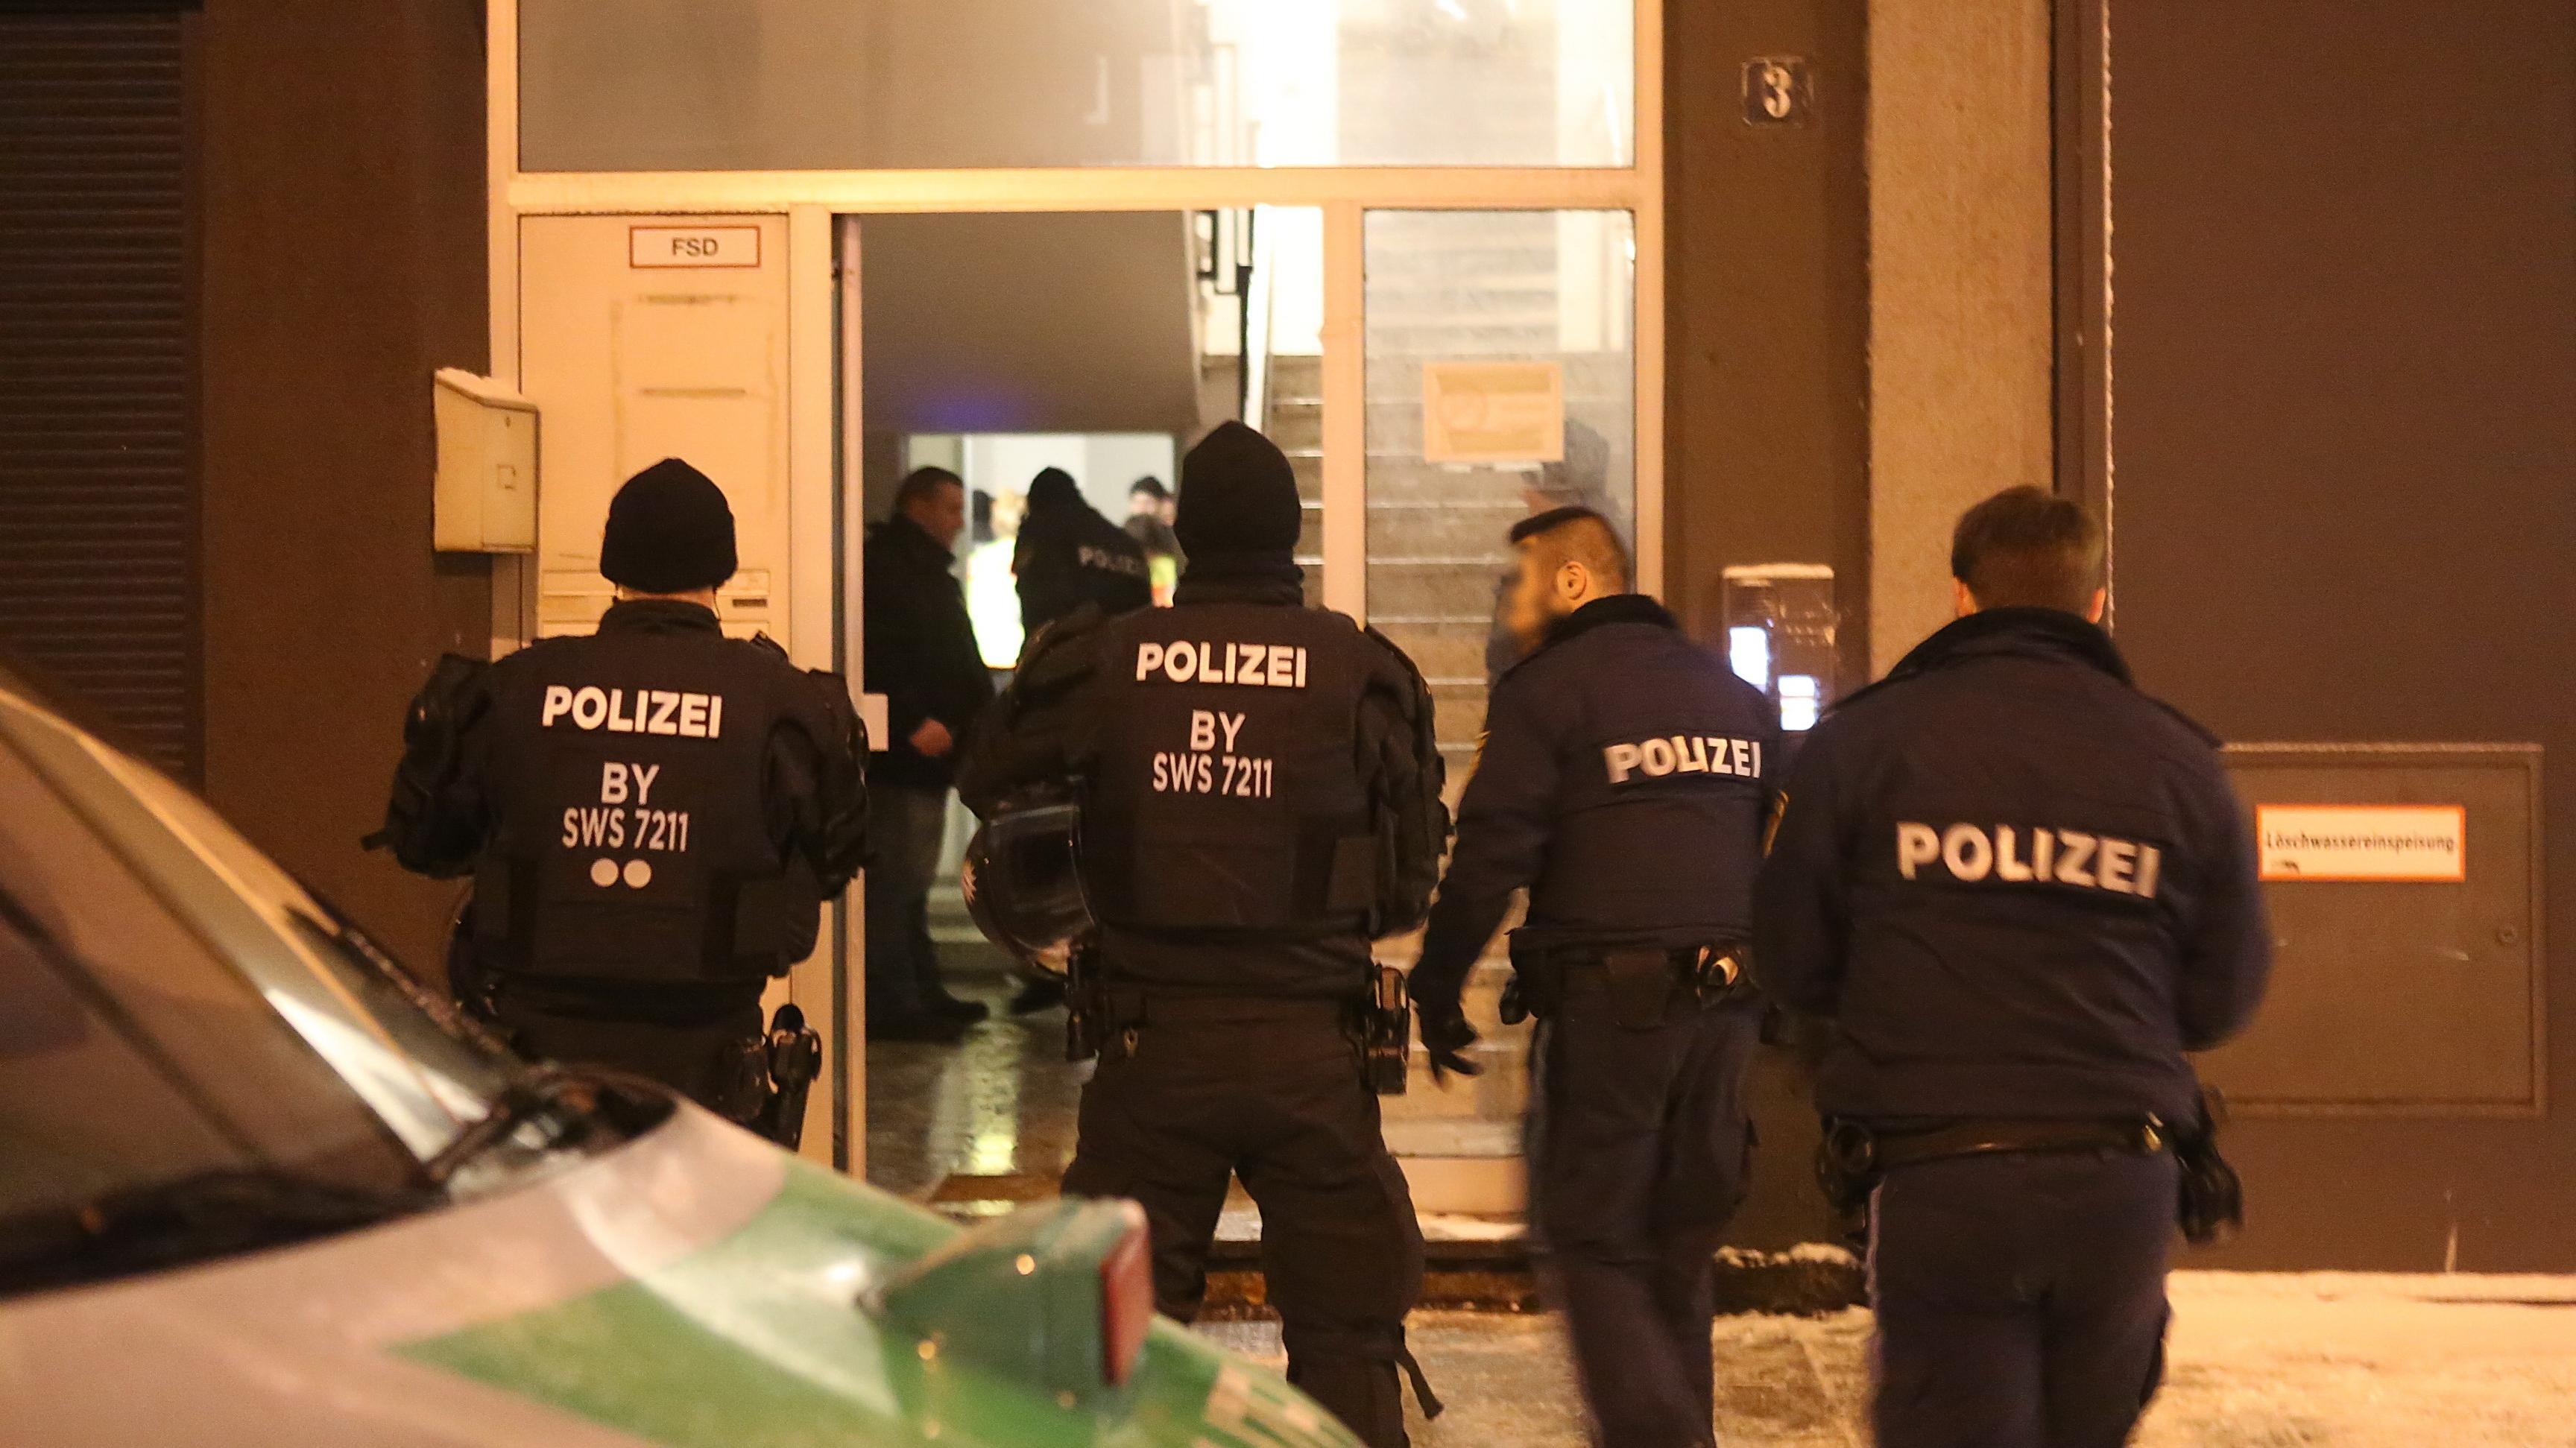 Polizeibeamte betreten die Gemeinschaftsunterkunft in Neu-Ulm